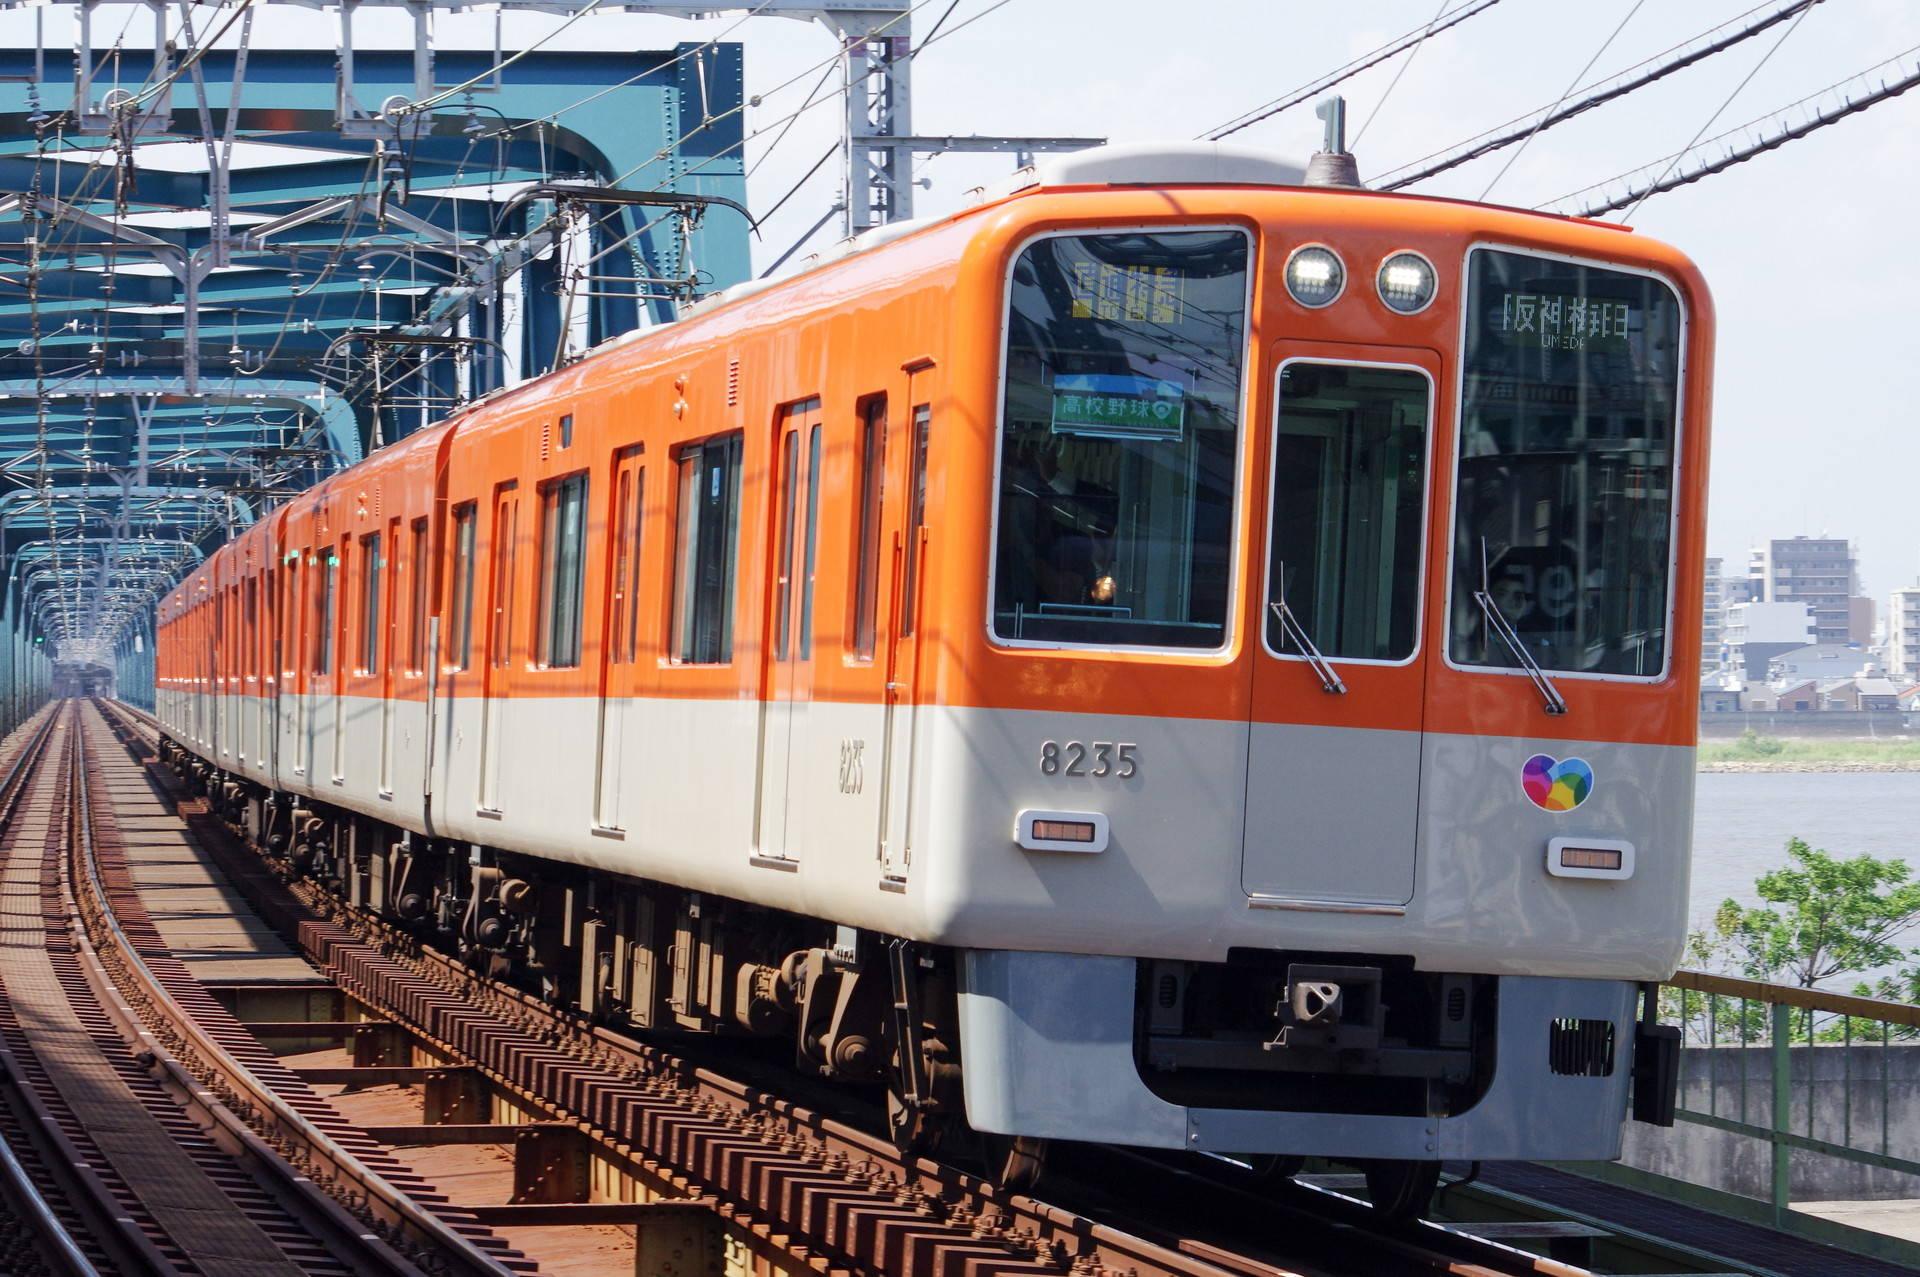 阪神 8000系8235編成 (高校野球副標)